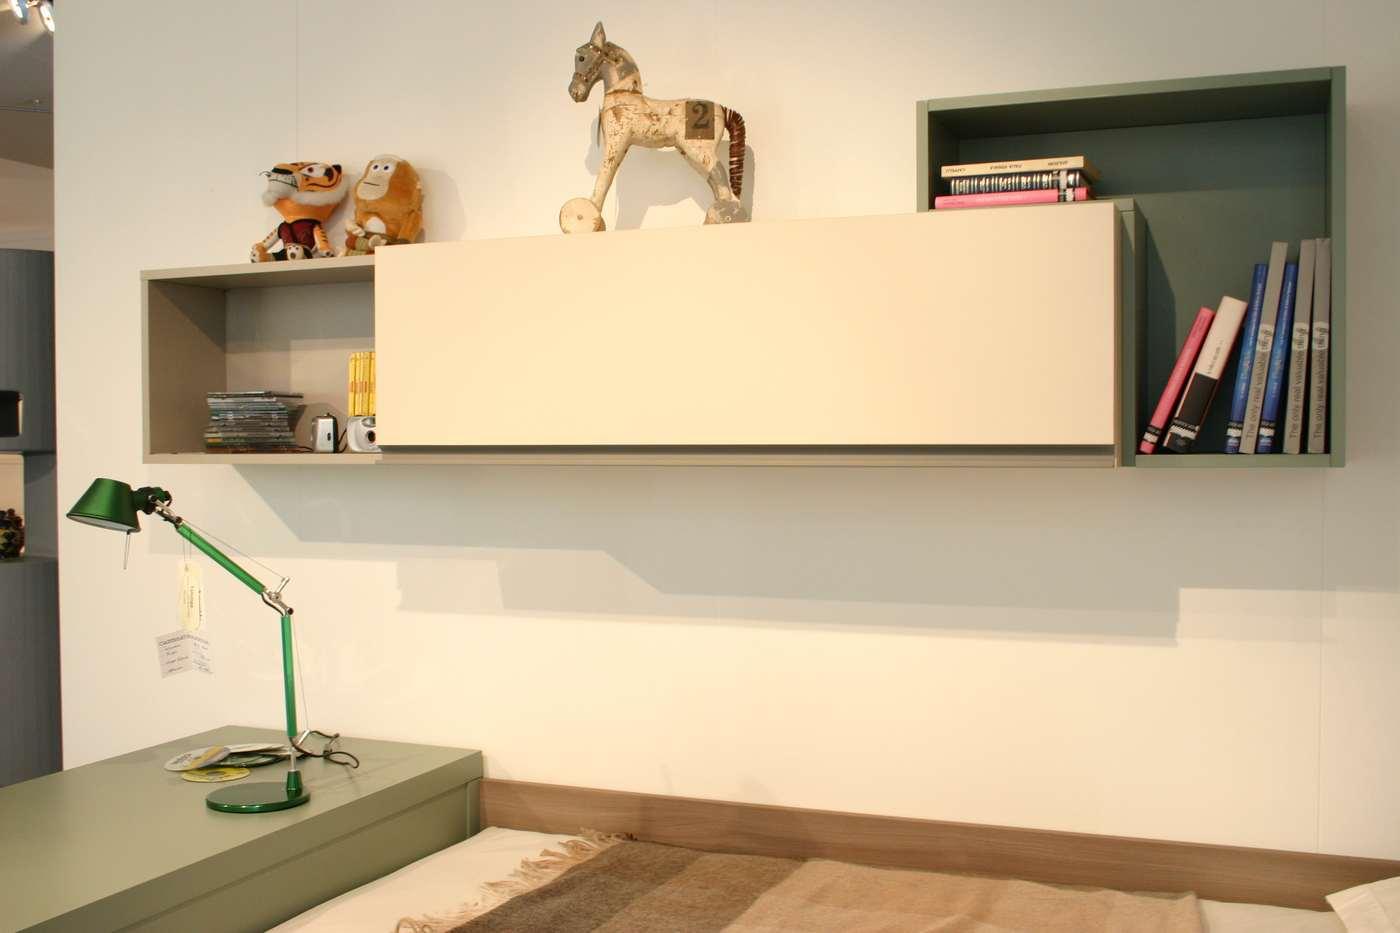 cameretta Clever con scrivania, letti, pensili e mensole, in vendita nel nostro negozio di Zogno, Bergamo, consegne anche a Milano